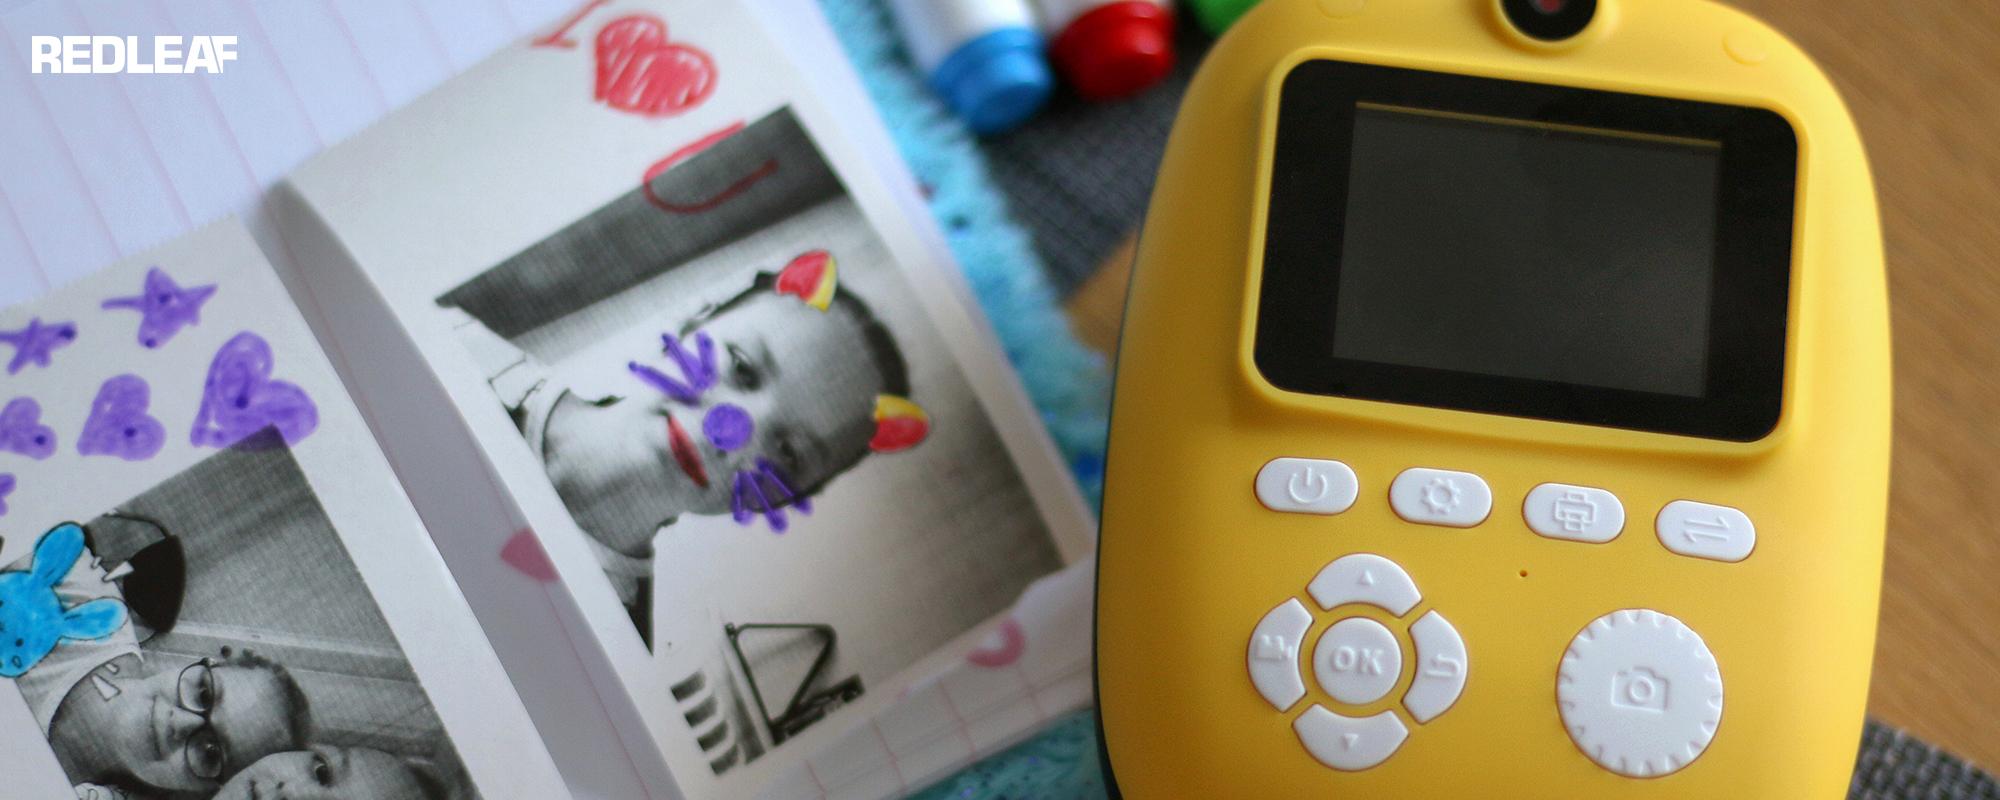 Aparat fotograficzny z drukarką dla dzieci Redleaf BOB leżący na biurku z pokolorowanymi mazakami wydrukami